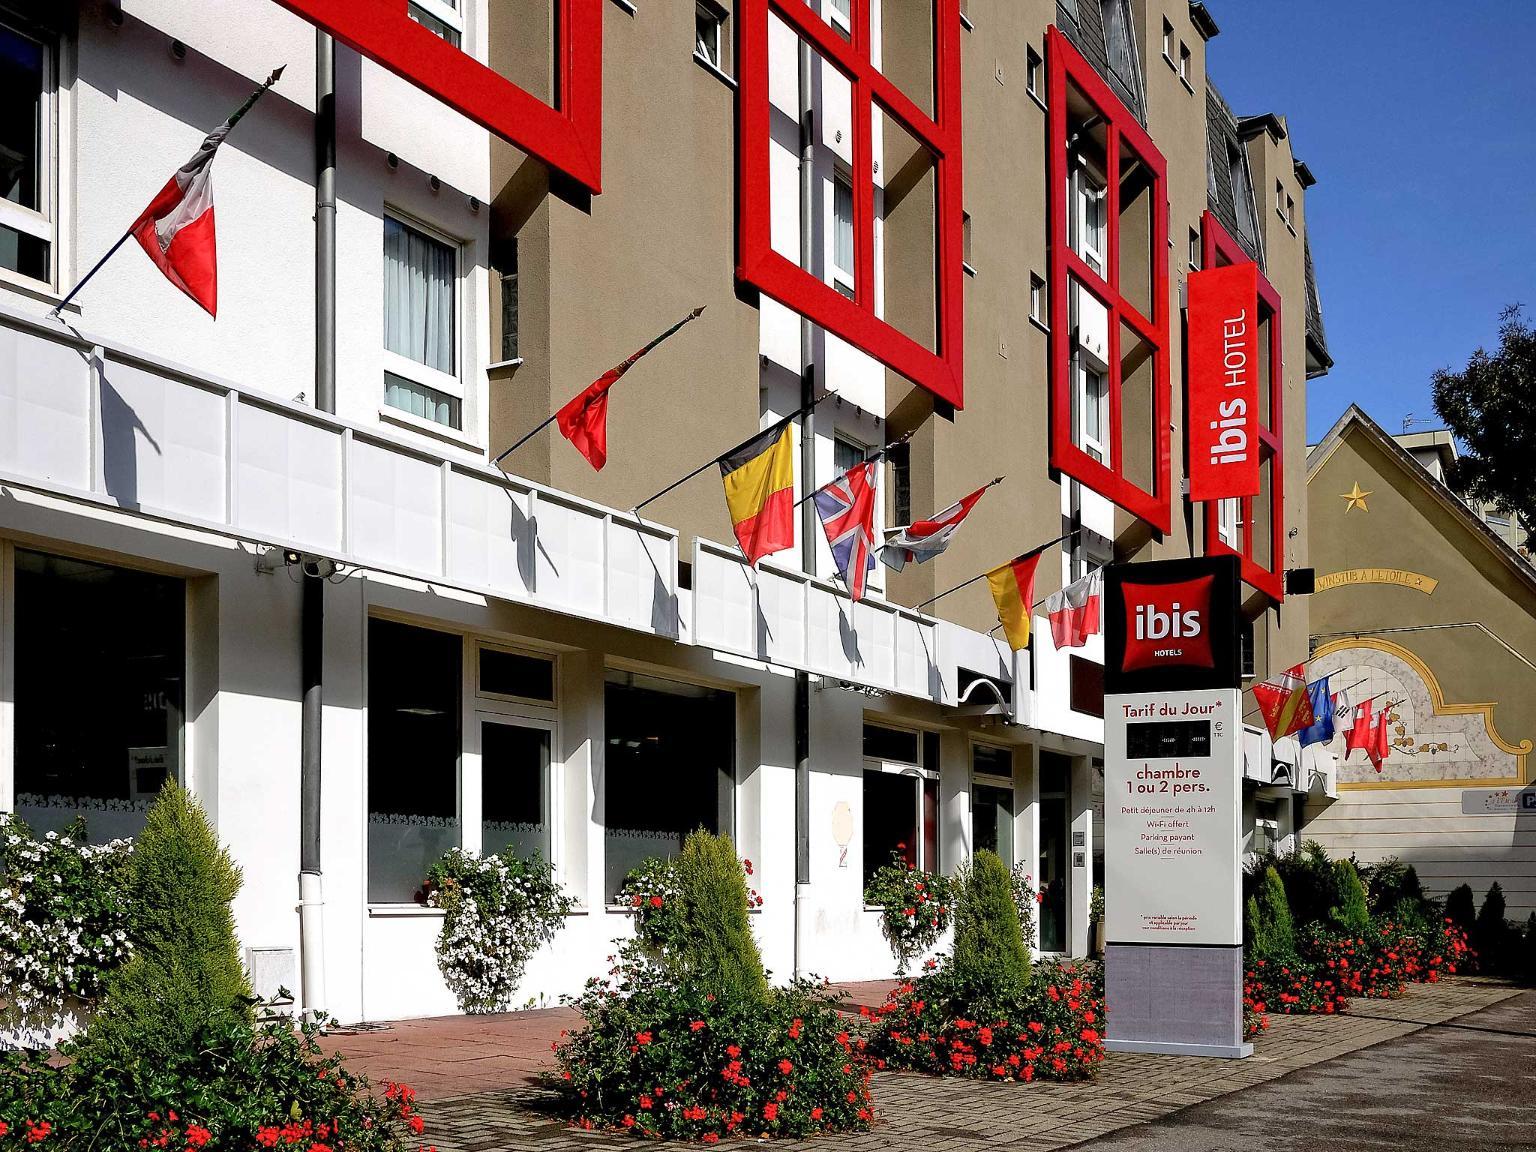 ibis mulhouse ville gare centrale h tel 53 rue de bale 68100 mulhouse adresse horaire. Black Bedroom Furniture Sets. Home Design Ideas